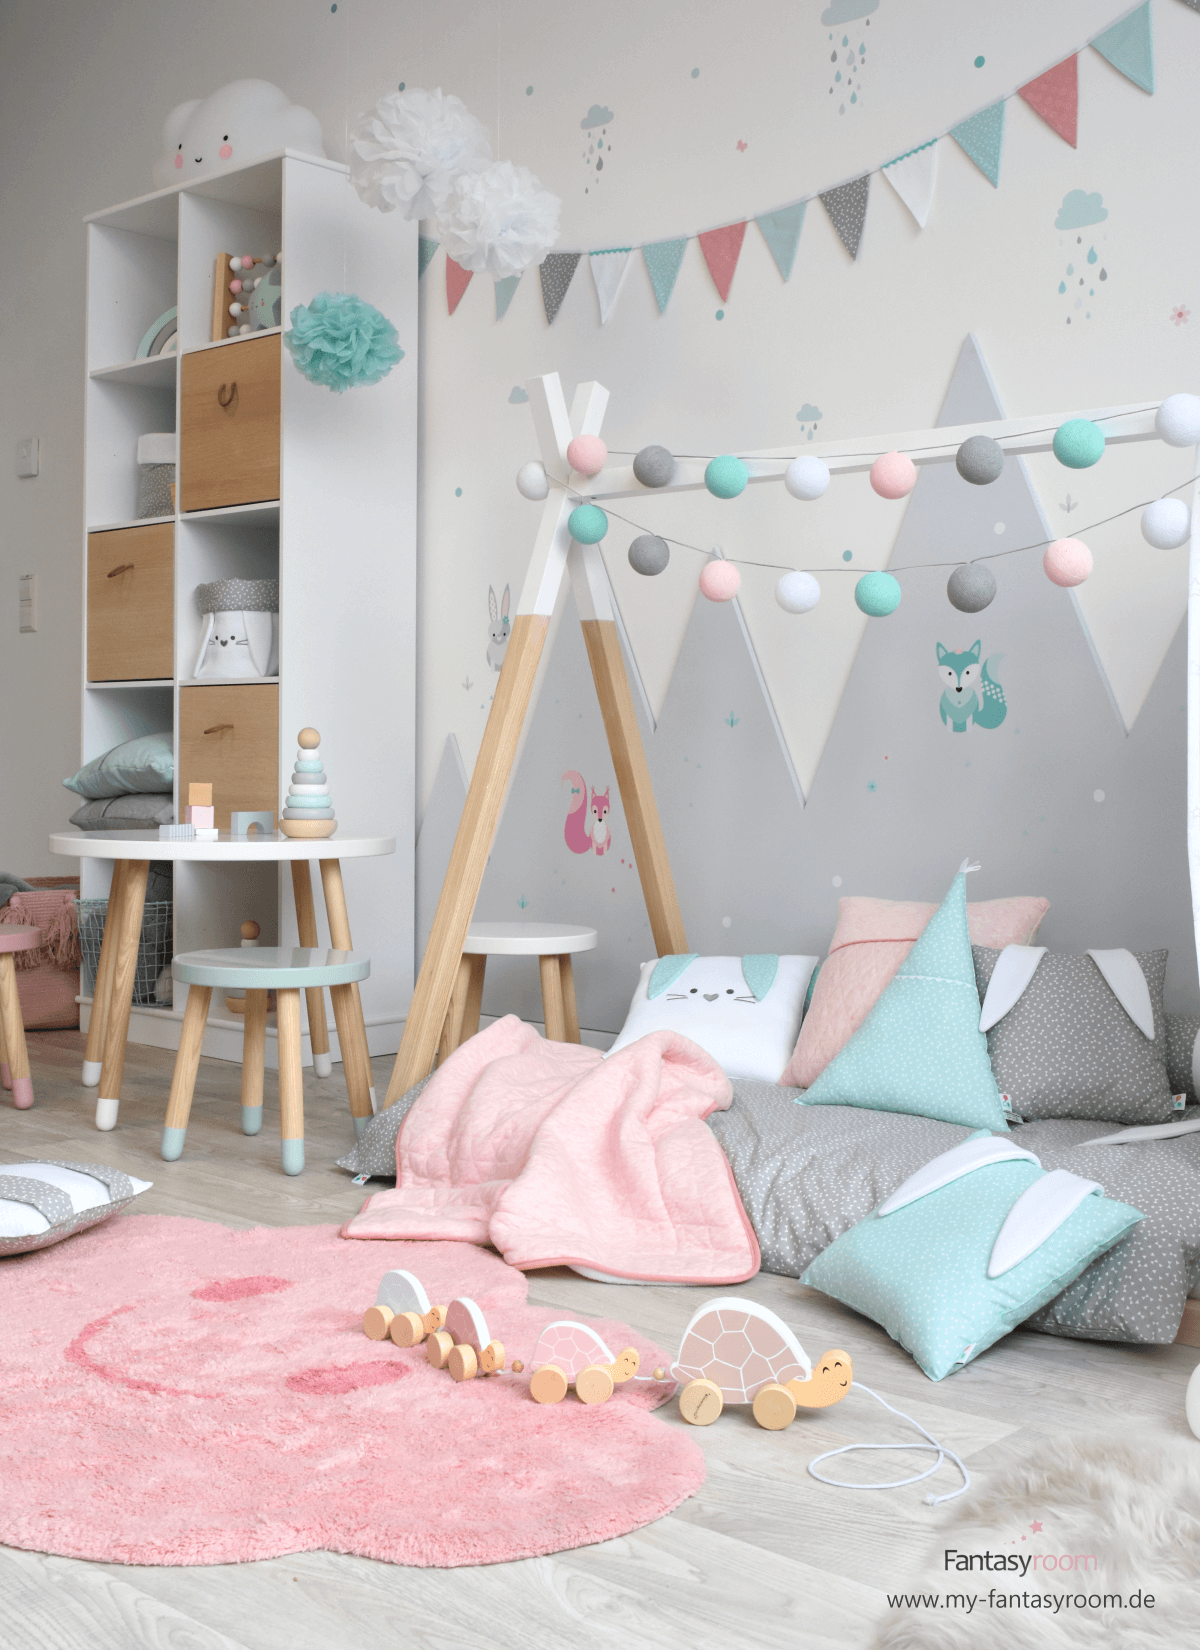 Waldtiere In Rosa Mint Grau Bei Fantasyroom Online Kaufen Kinder Zimmer Kinderzimmer Einrichten Zimmer Madchen